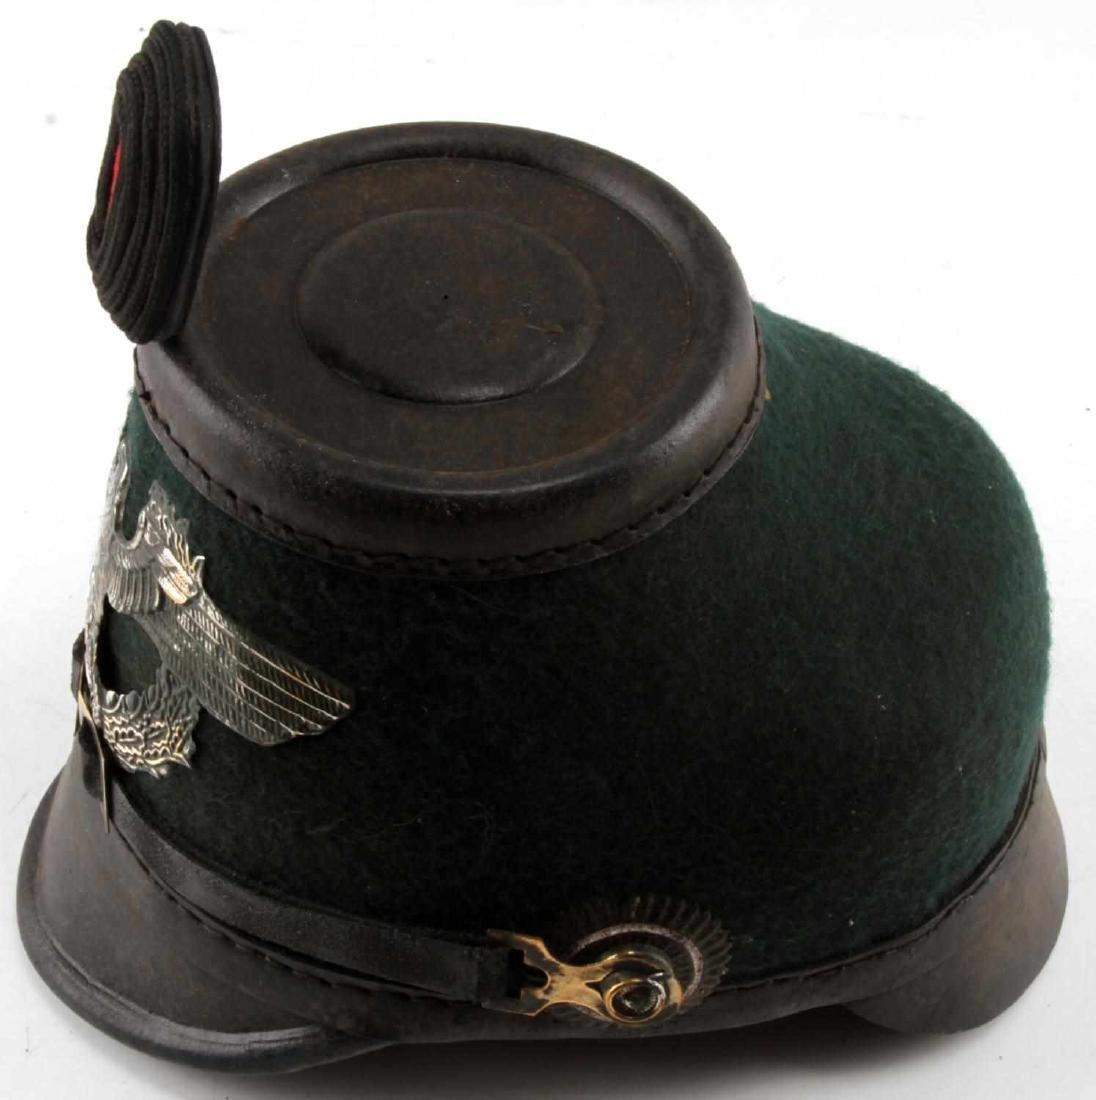 WWII GERMAN THIRD REICH 1936 POLICE SHAKO HAT - 2